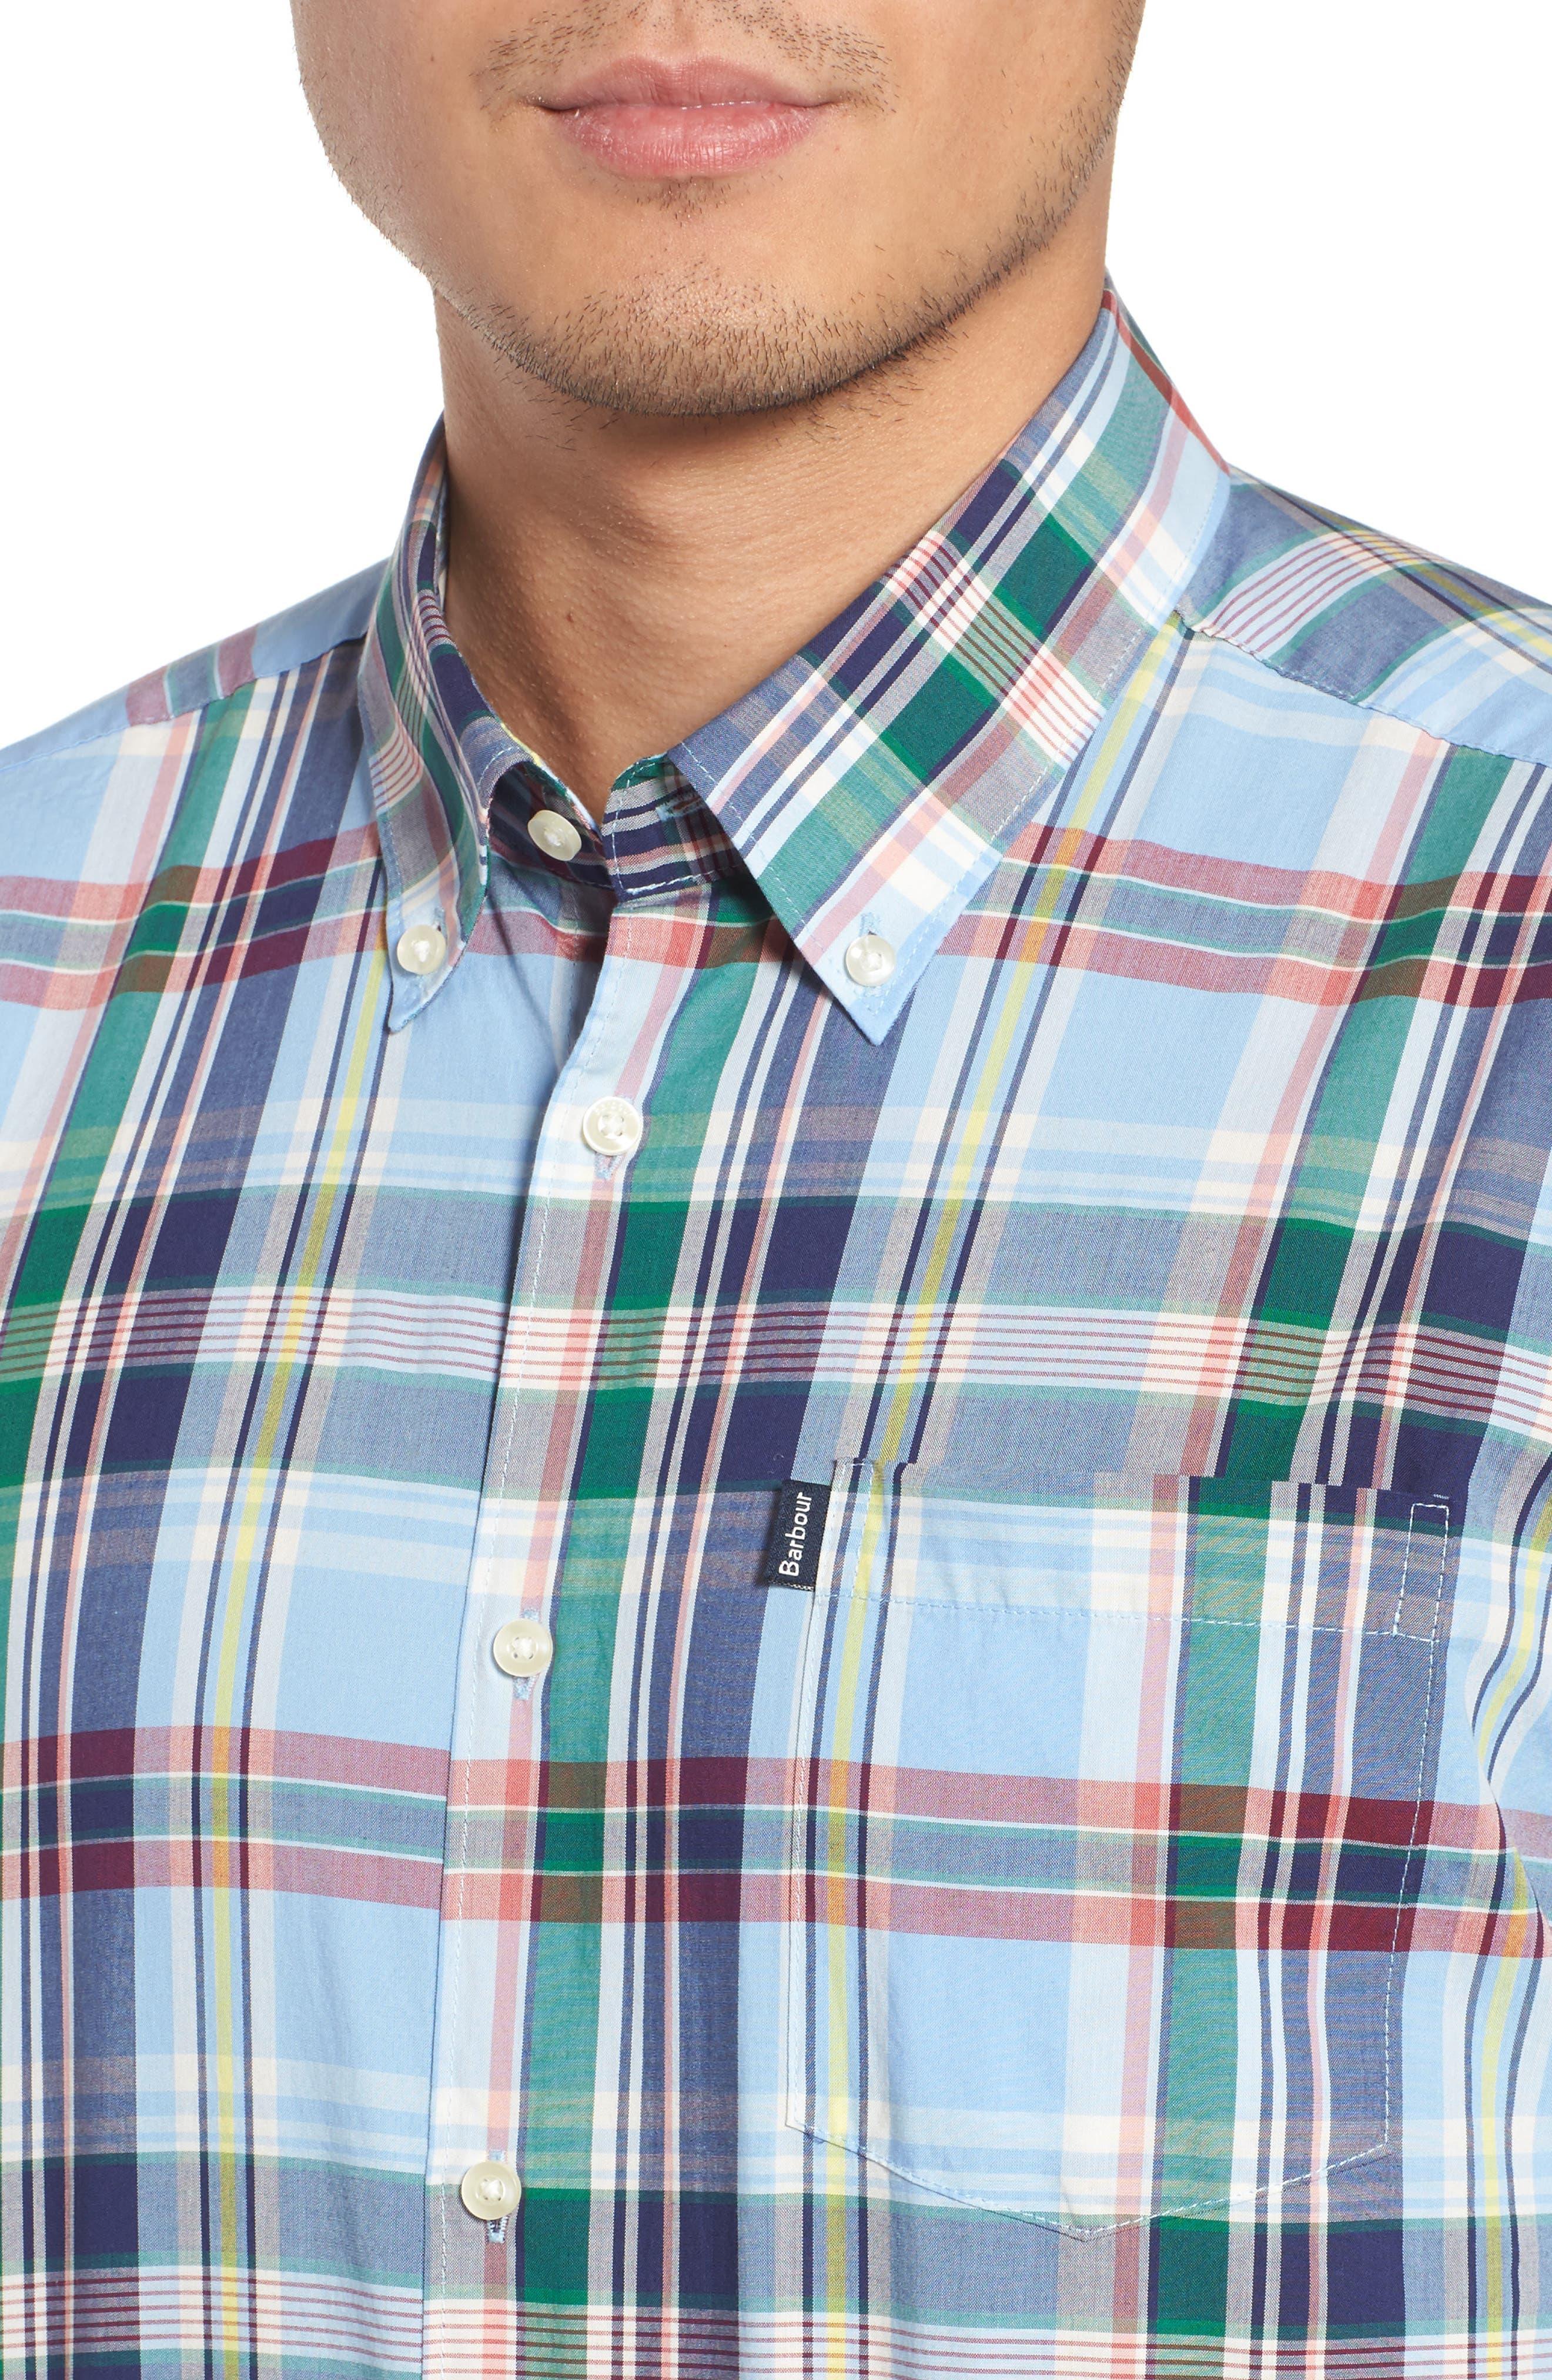 Jeff Trim Fit Plaid Sport Shirt,                             Alternate thumbnail 4, color,                             450